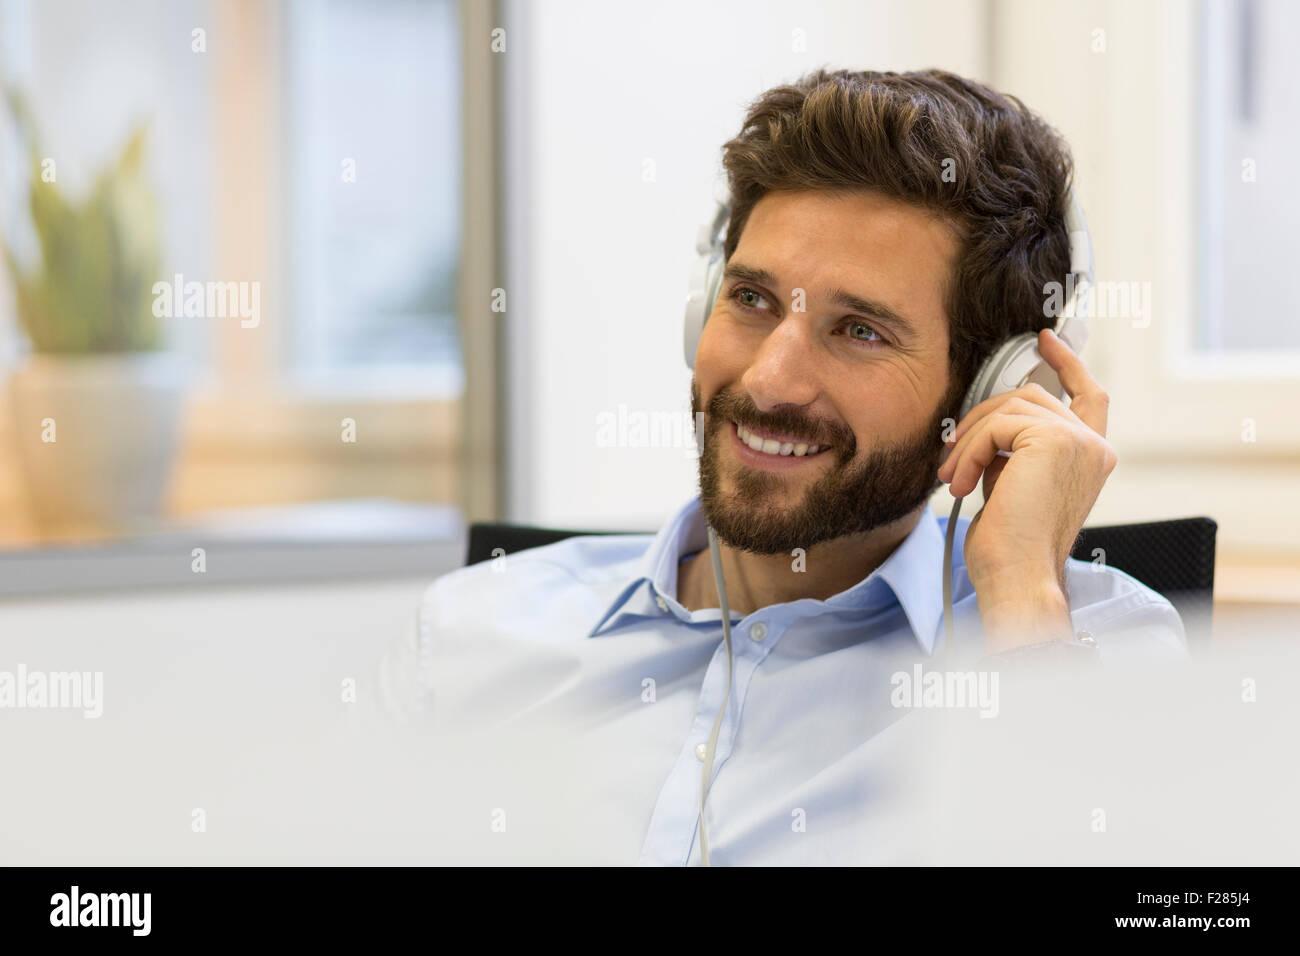 Smiling businessman écouter de la musique avec des écouteurs Banque D'Images